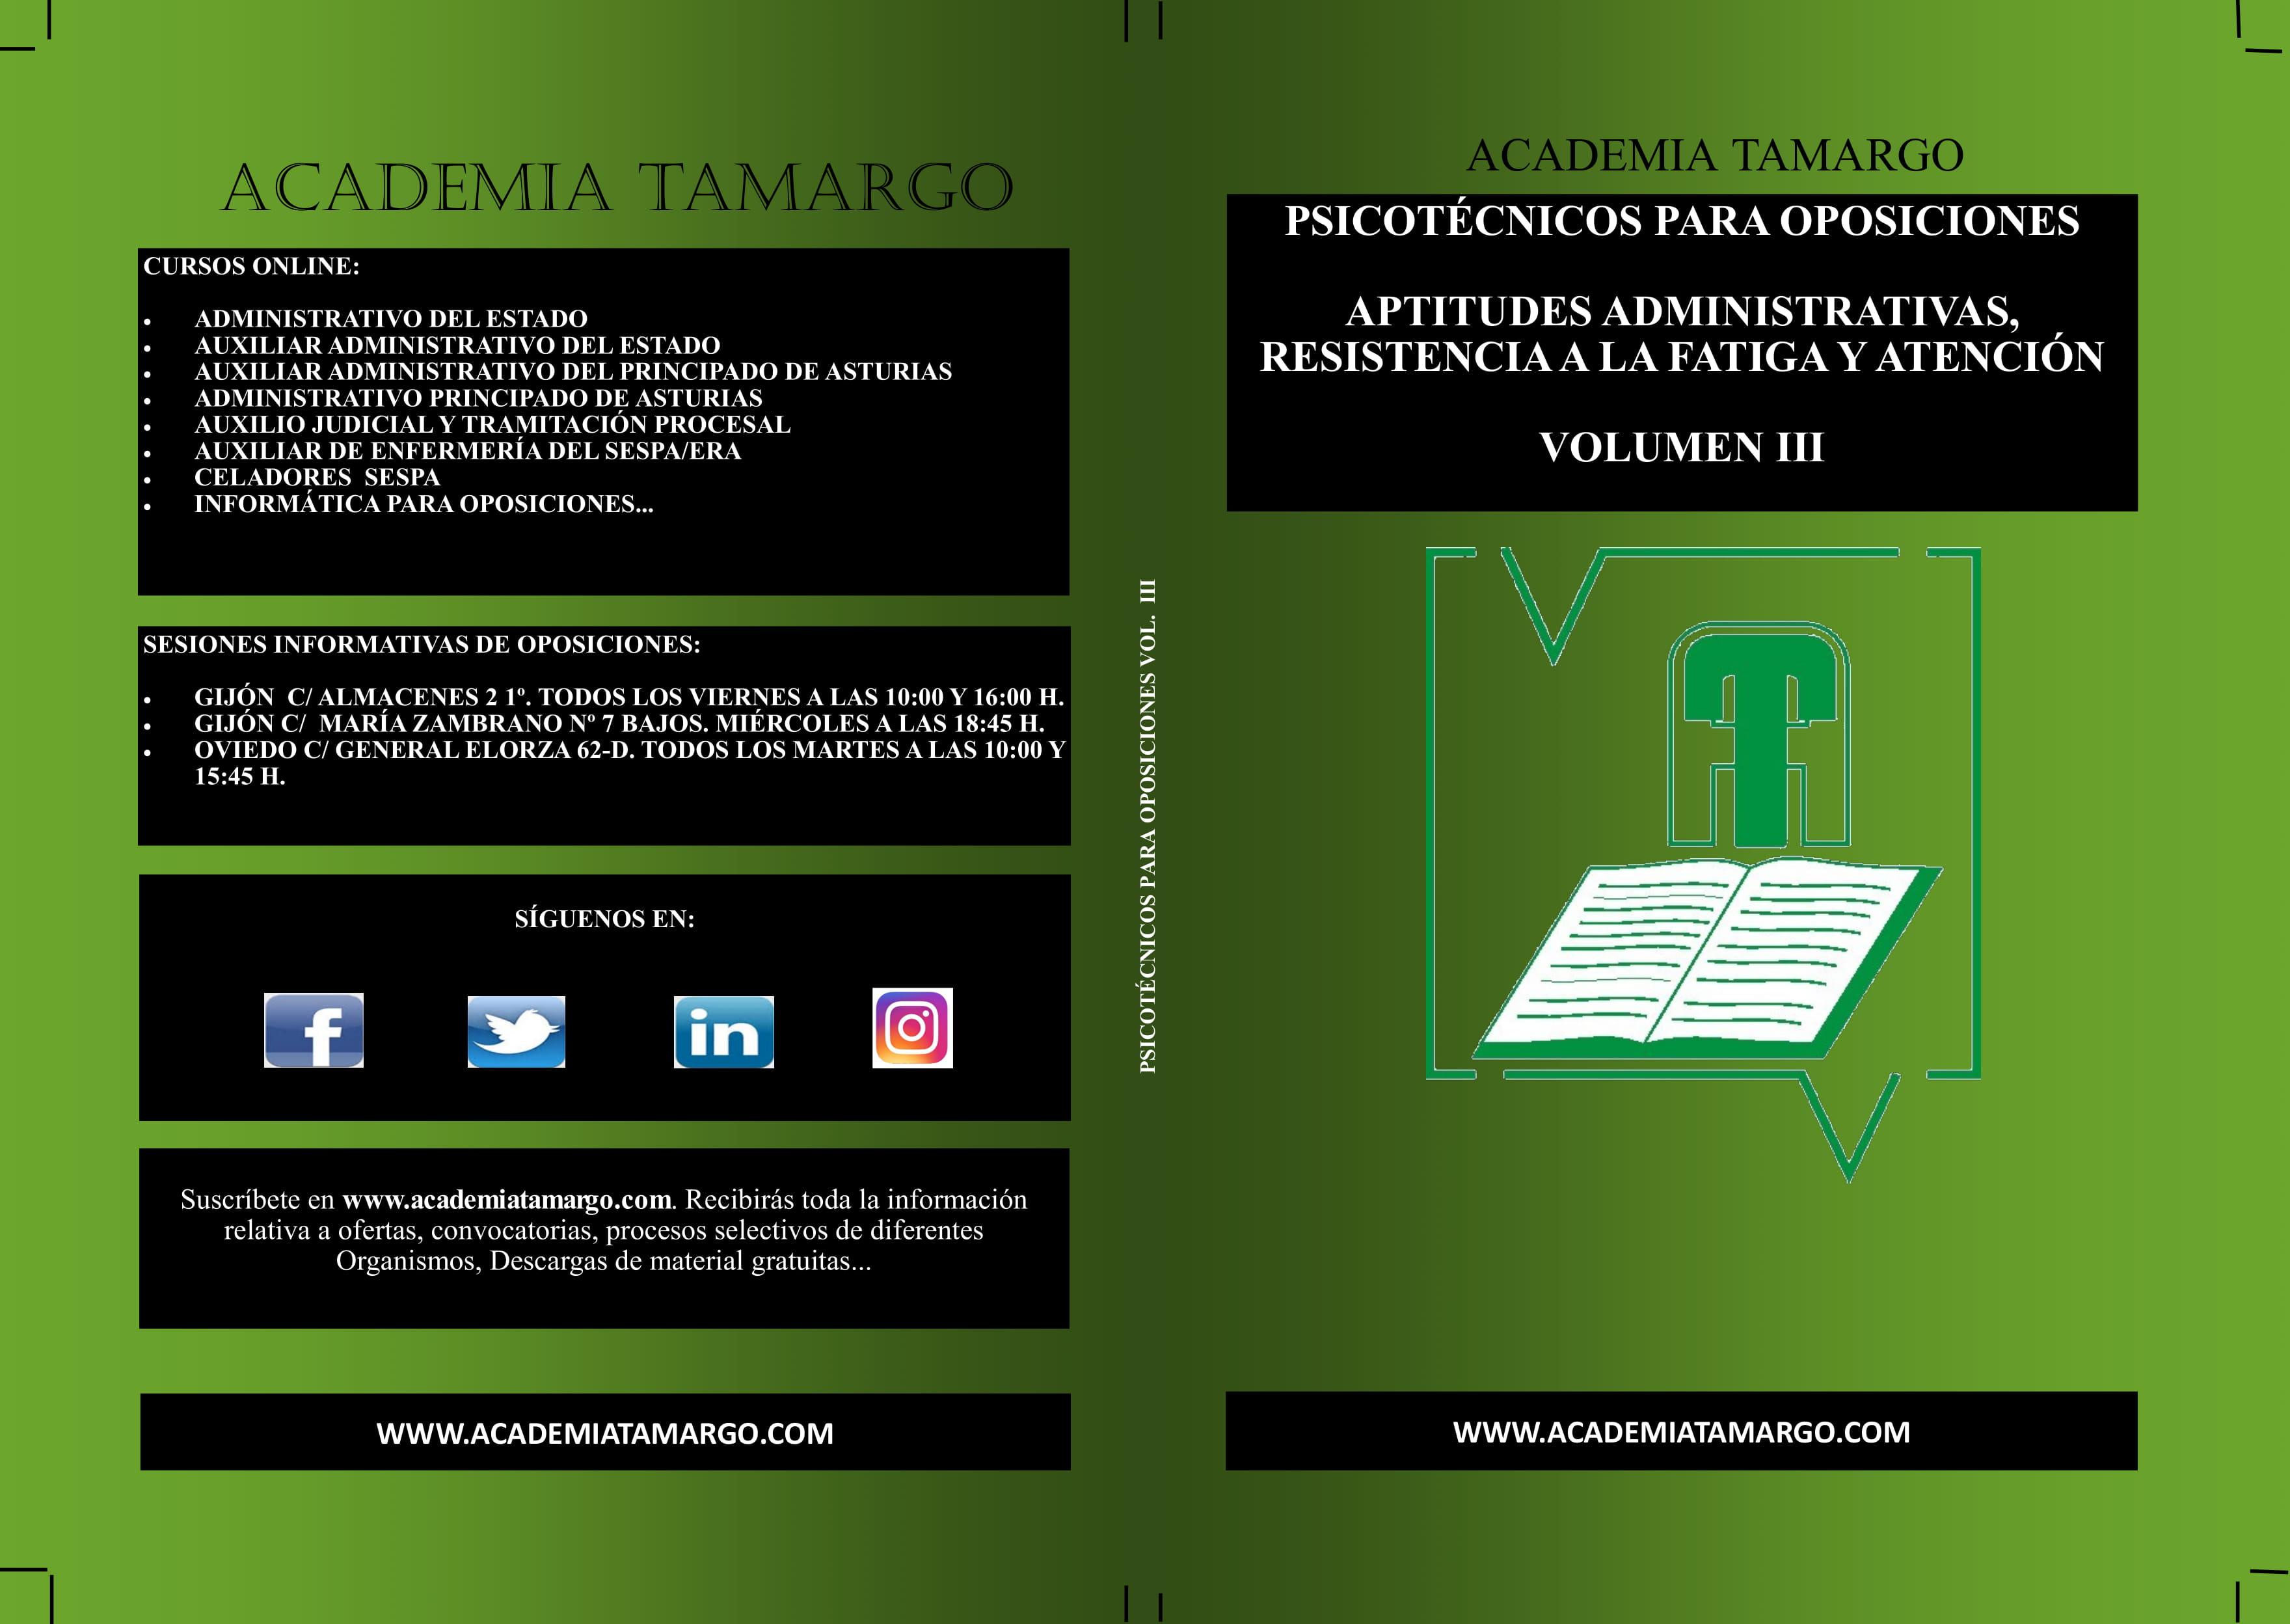 portada, contraportada y lomo de PSICOTÉCNICOS VOLUMN III-1